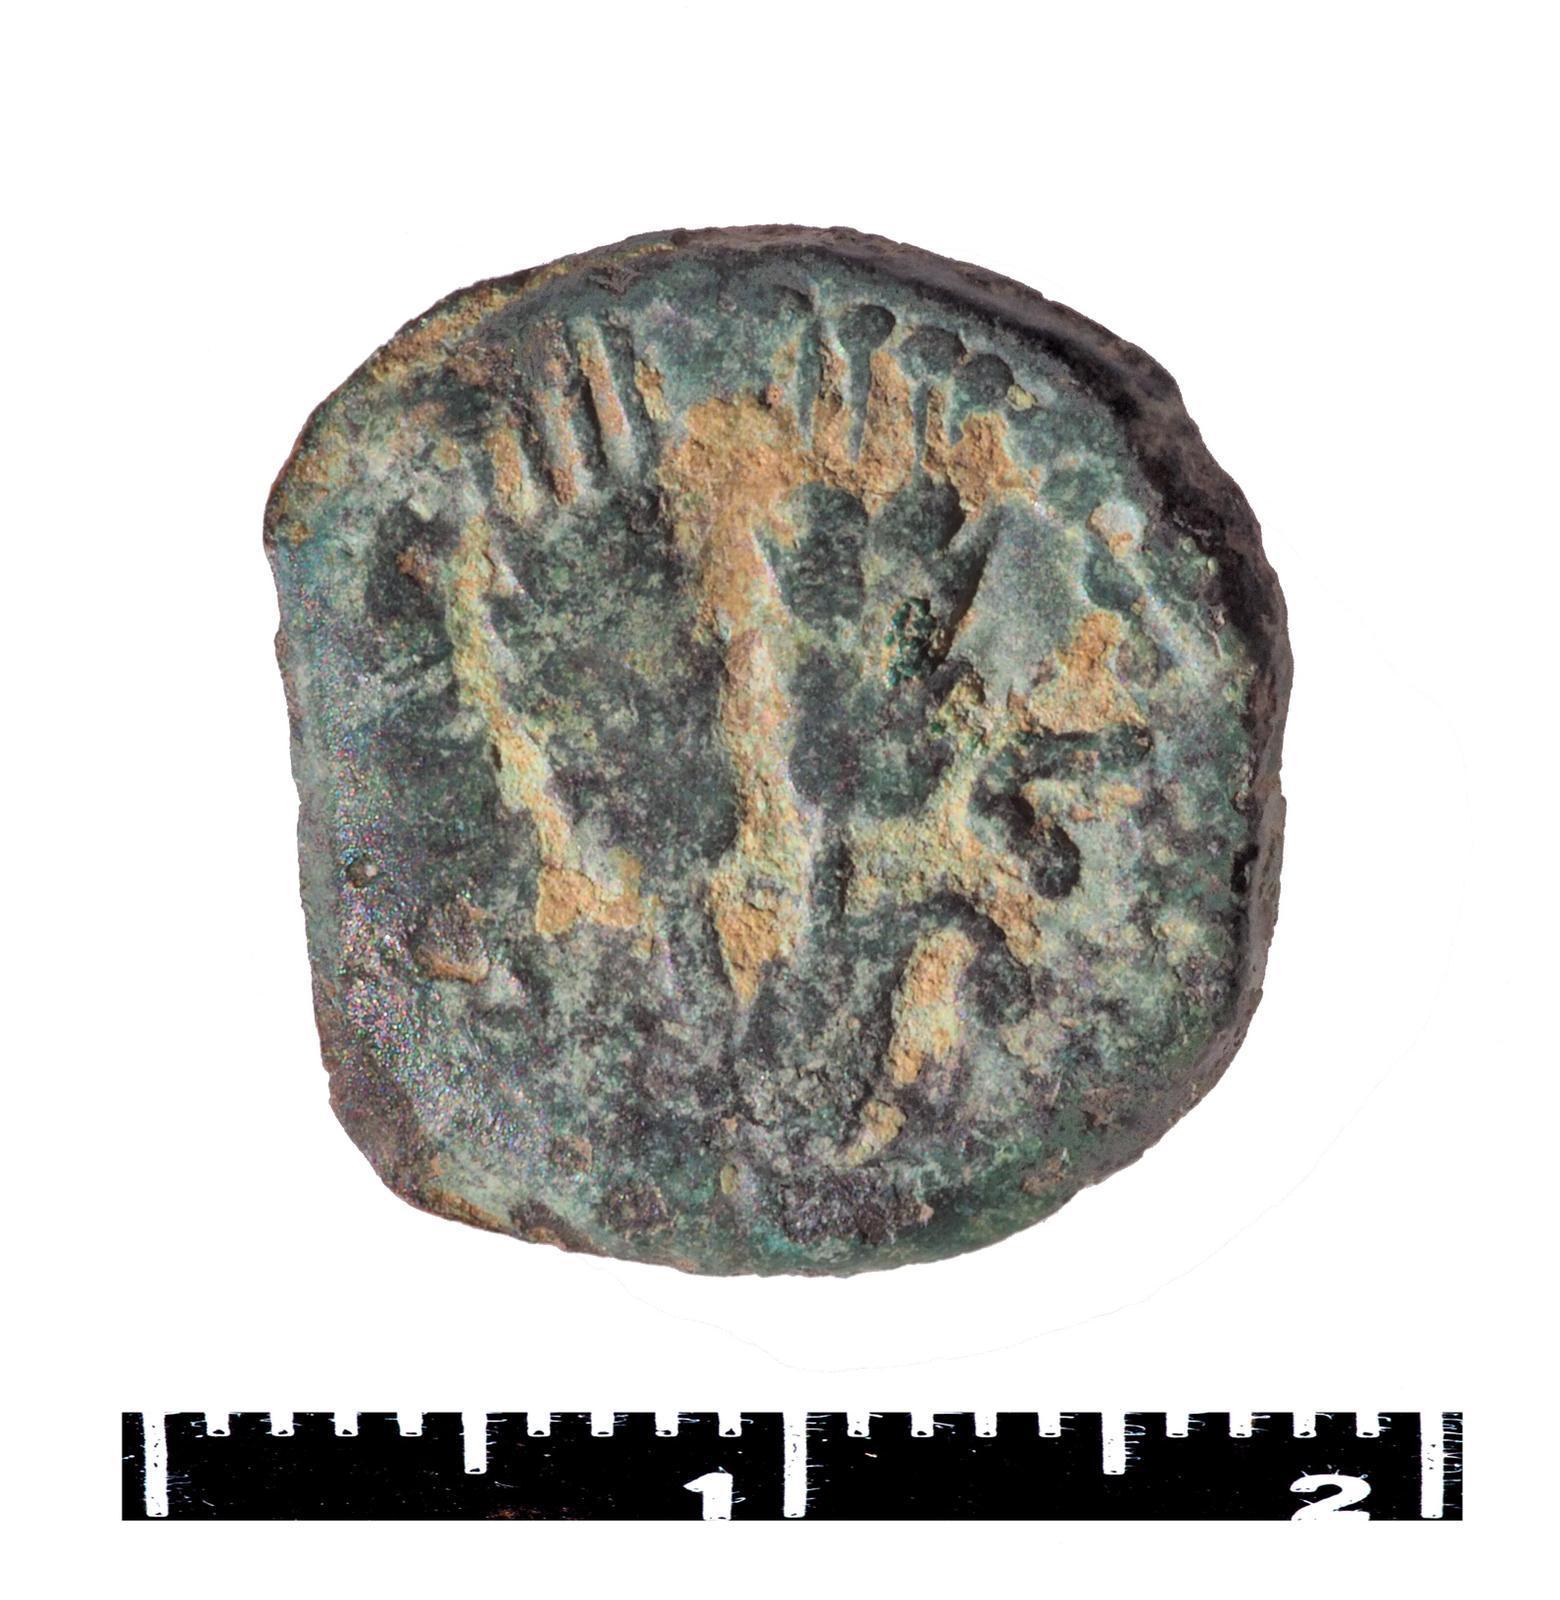 אבן עתיקה